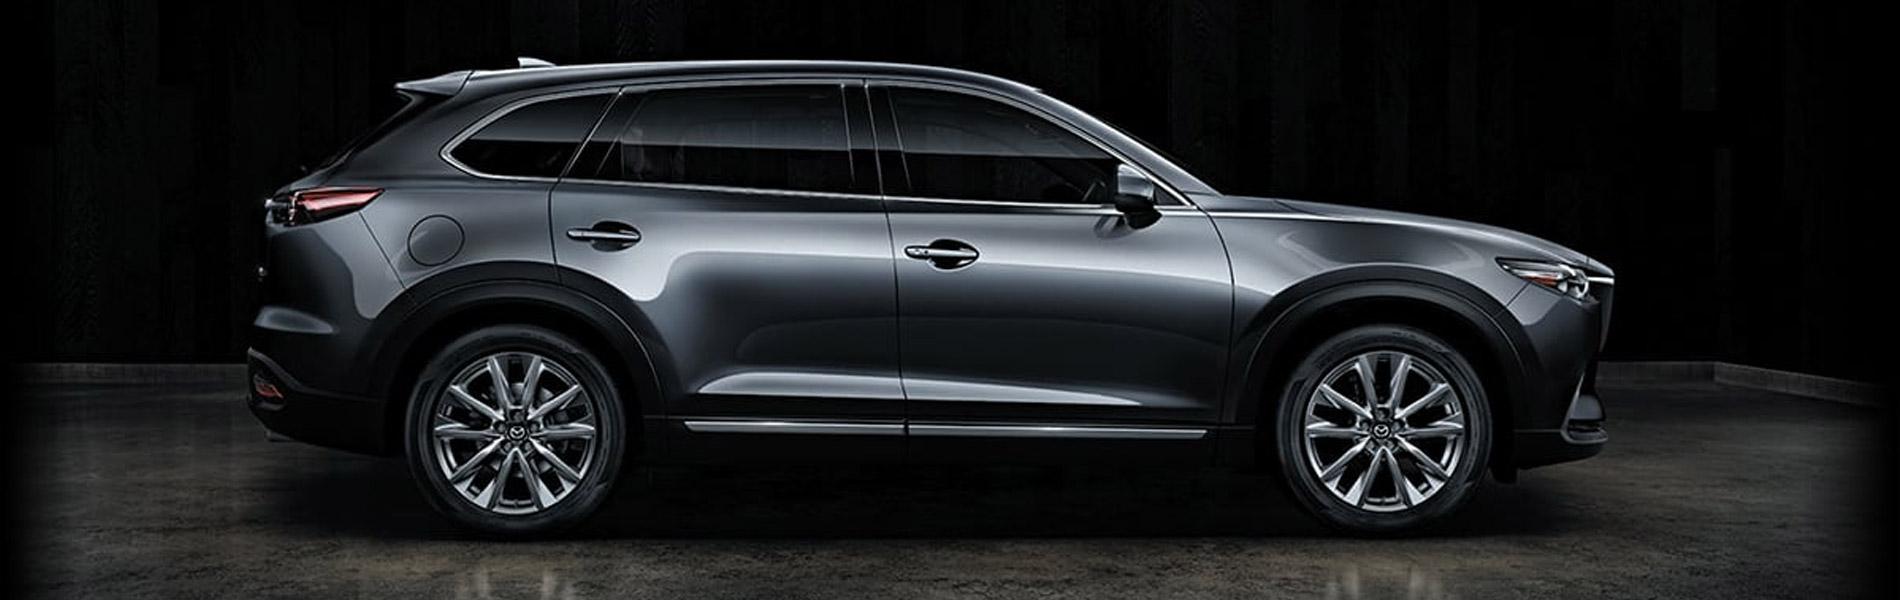 Mazda CX-9 Image 0